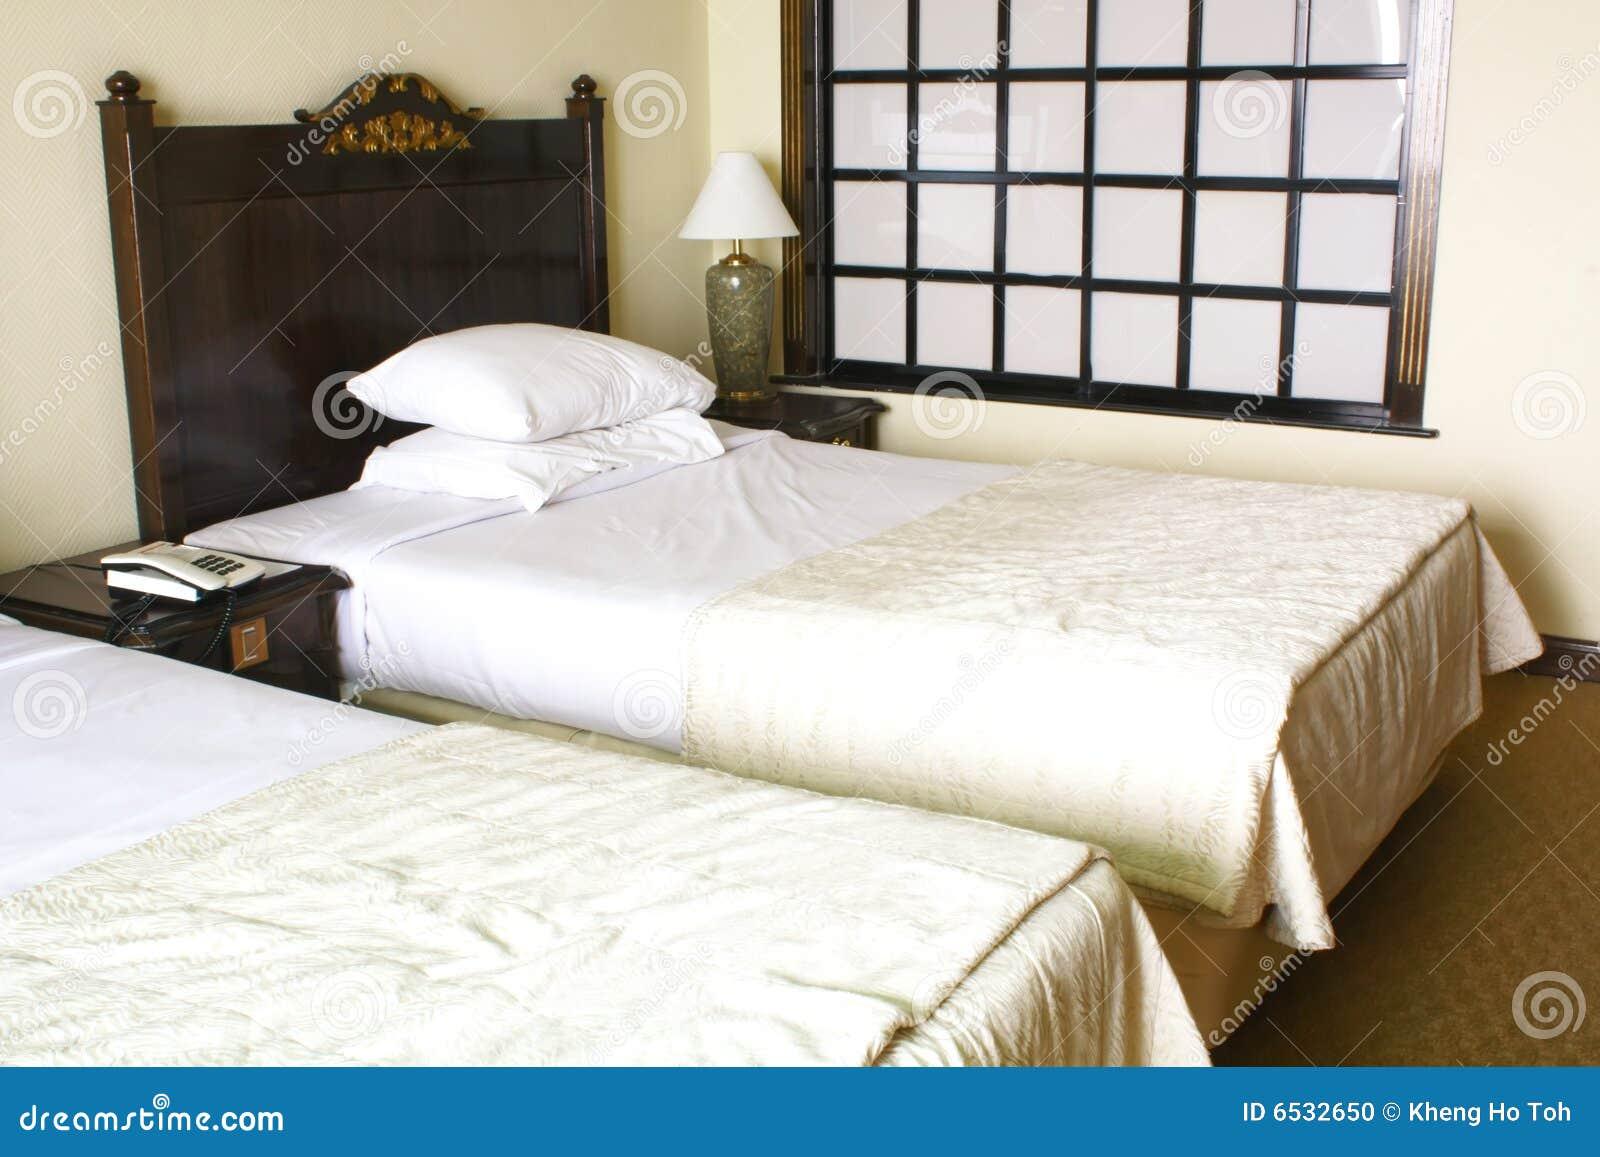 De zaal van het hotel stock foto afbeelding 6532650 - Versiering van de zaal van het tienermeisje van ...